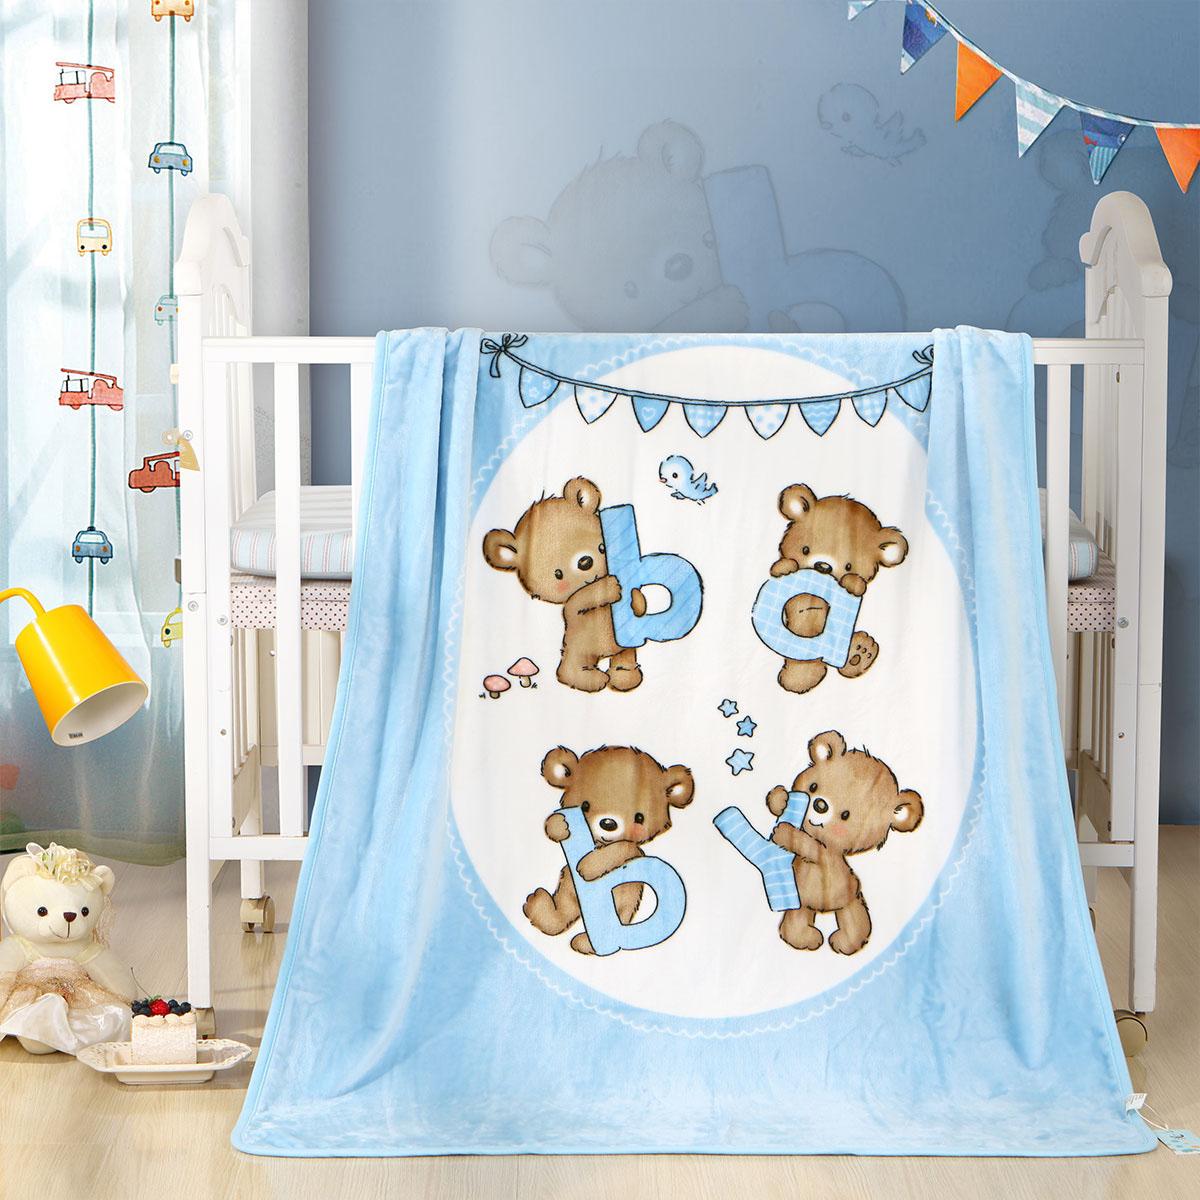 嬰兒毛毯雙層加厚寶寶小毯子秋冬季幼兒園兒童蓋毯新生兒小孩云毯